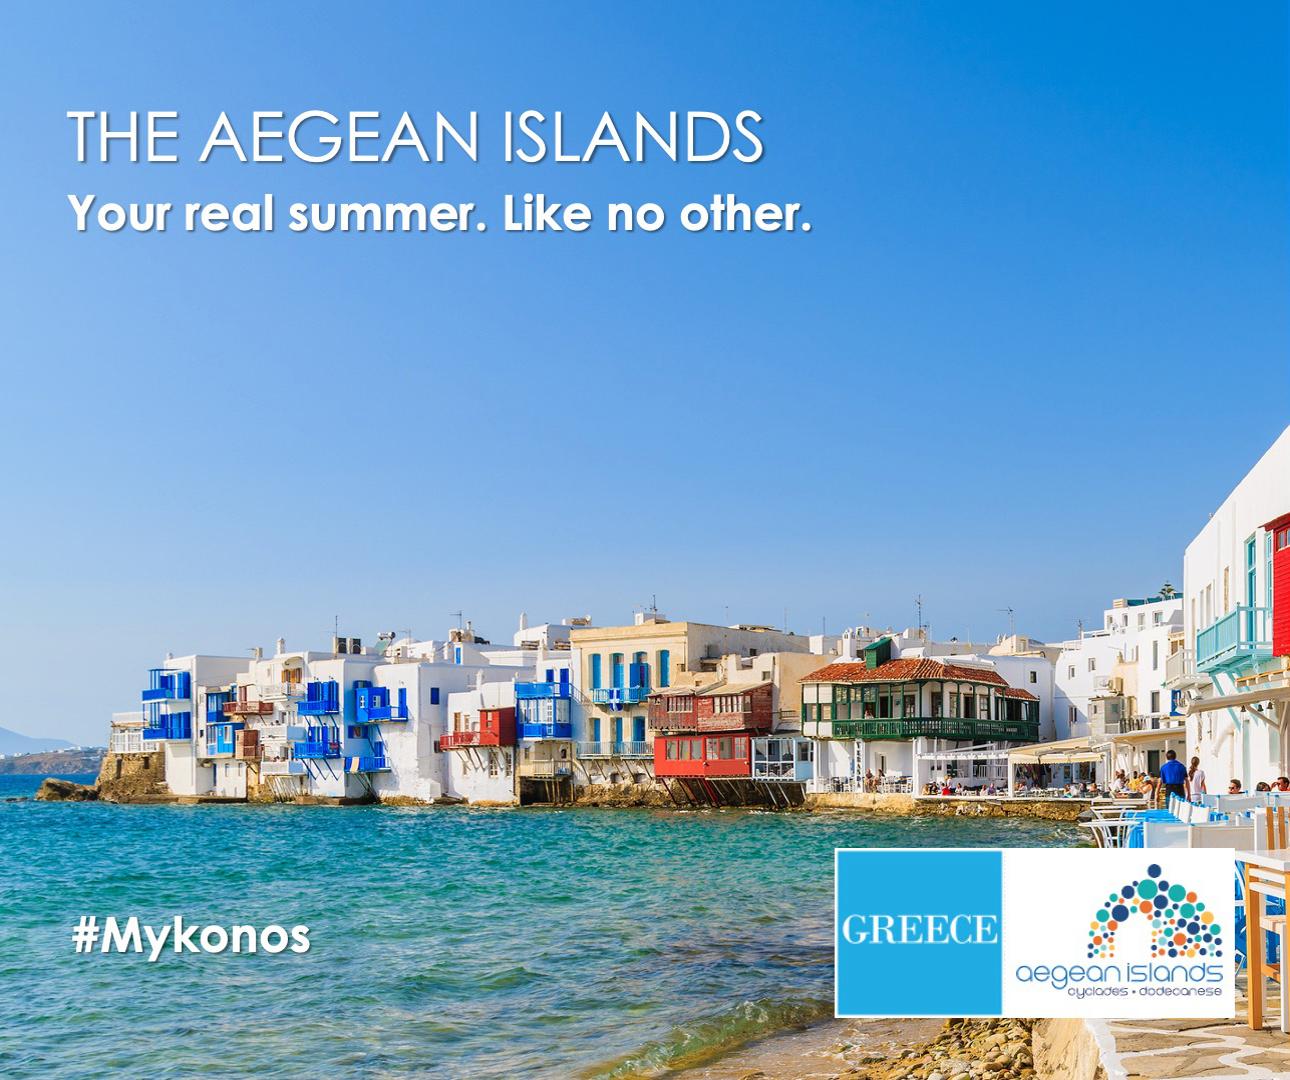 Σε 12 χώρες το διαφημιστικό σποτ της νέας καμπάνιας «THE AEGEAN ISLANDS Your real summer. Like no other»